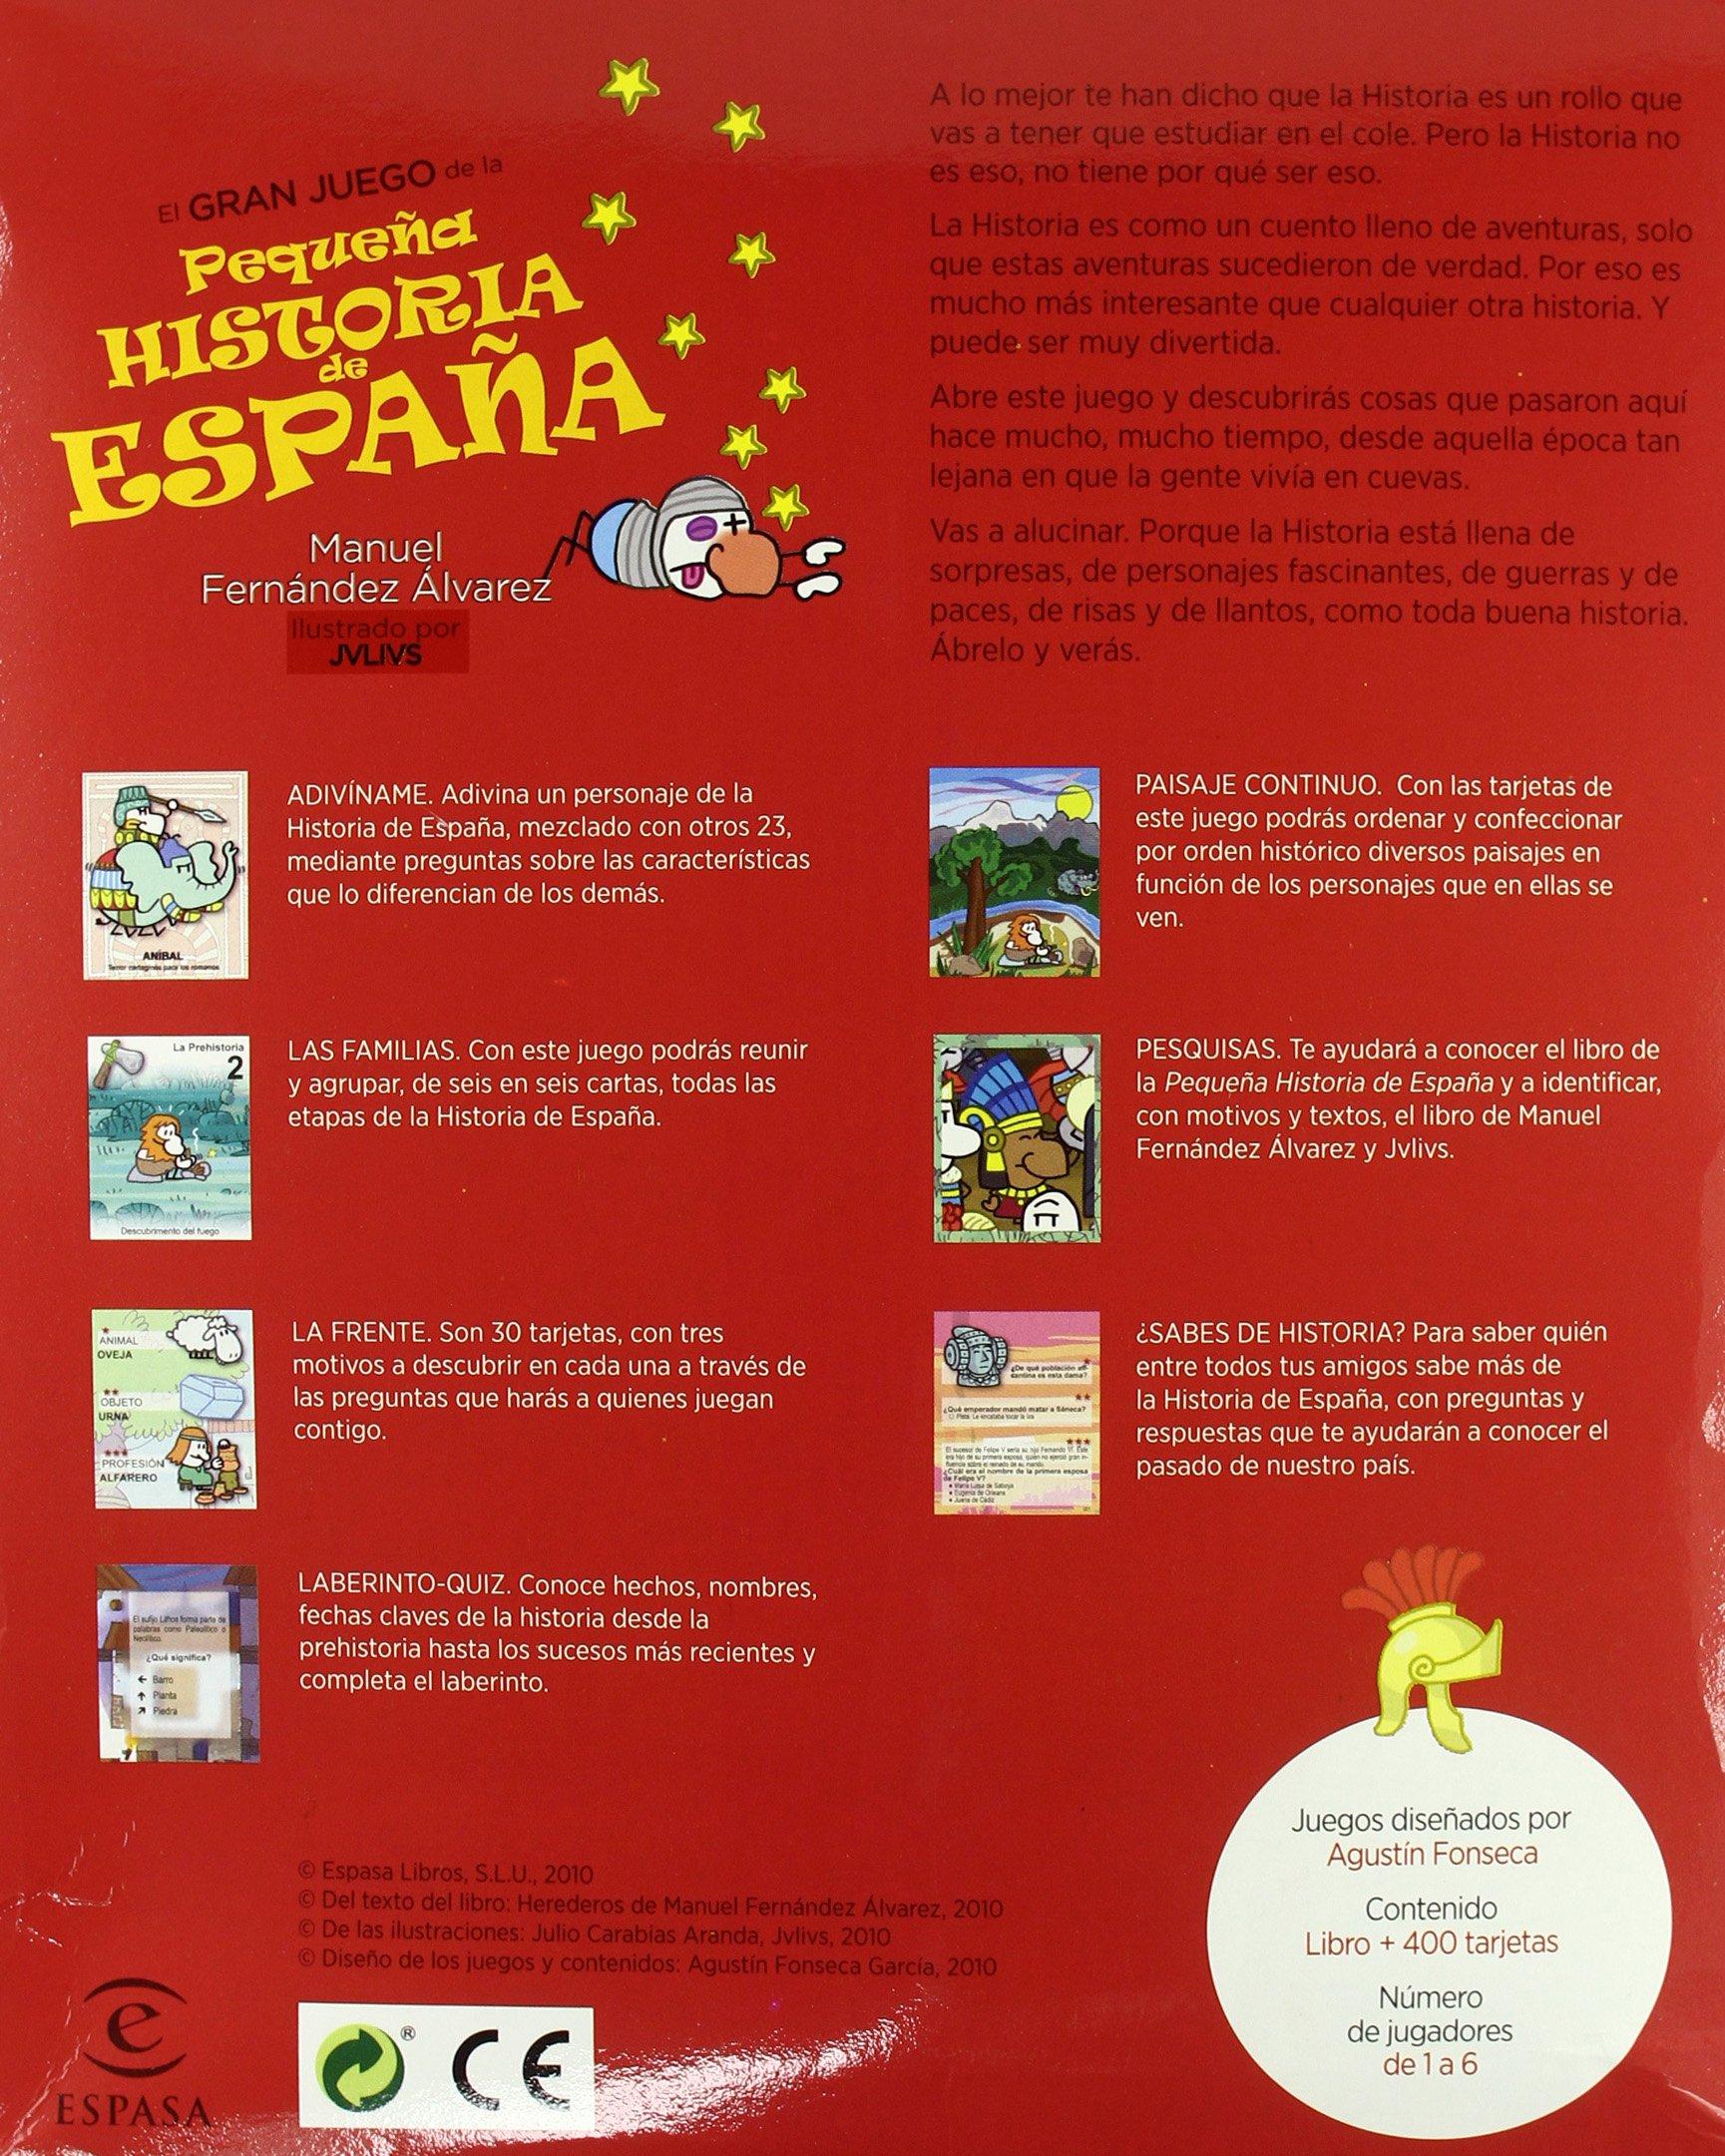 El gran juego de la Pequeña historia de España FUERA DE COLECCIÓN ...